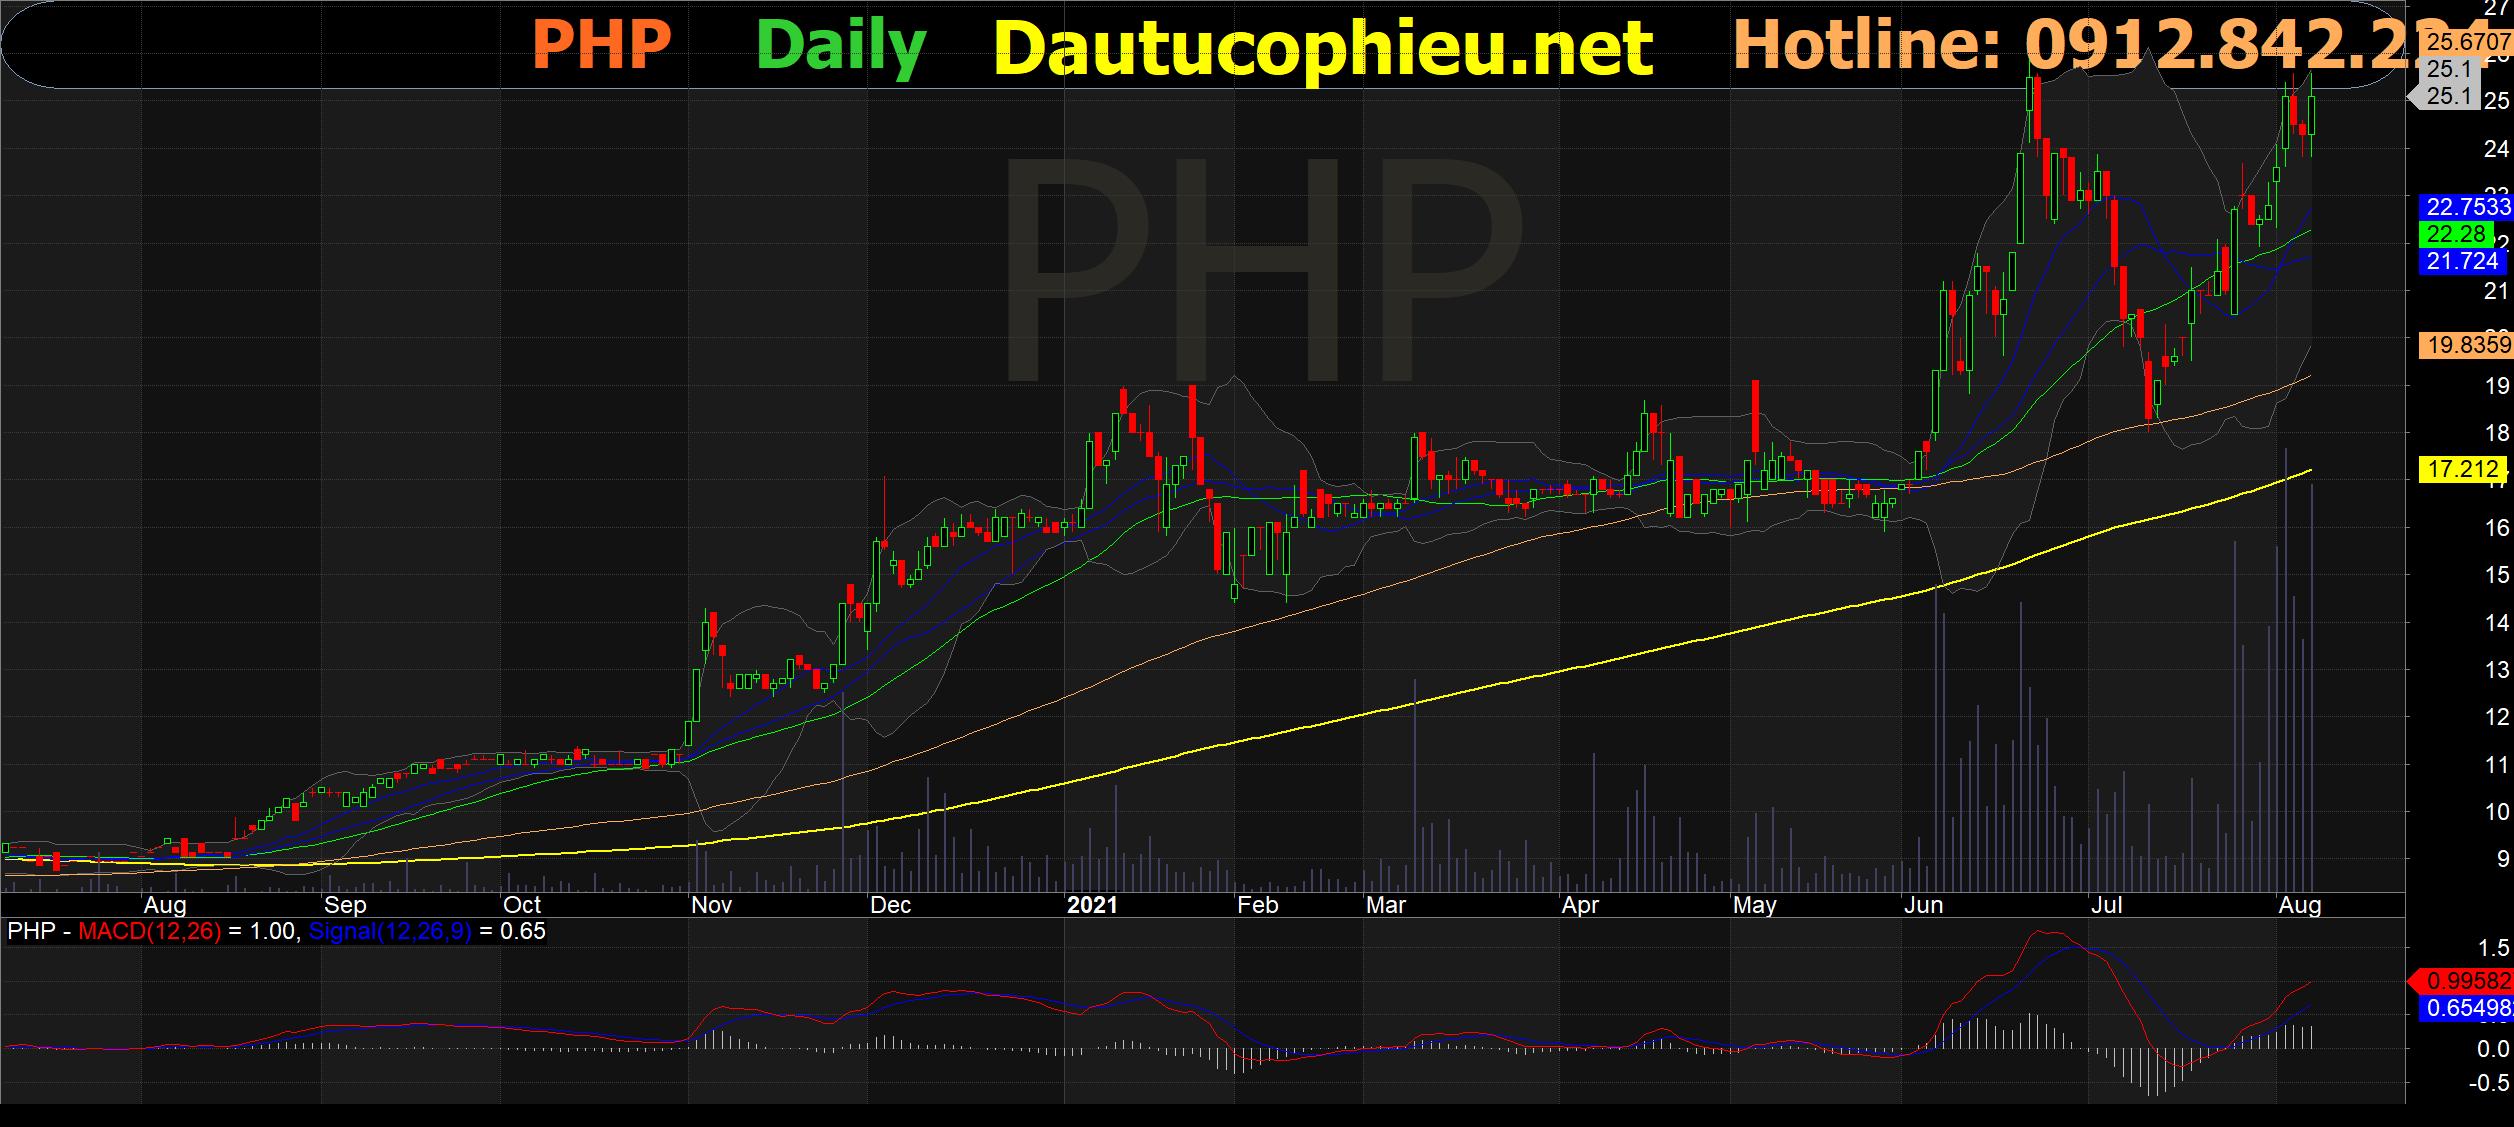 Đồ thị cổ phiếu PHP phiên giao dịch ngày 06/08/2021. Nguồn: AmiBroker